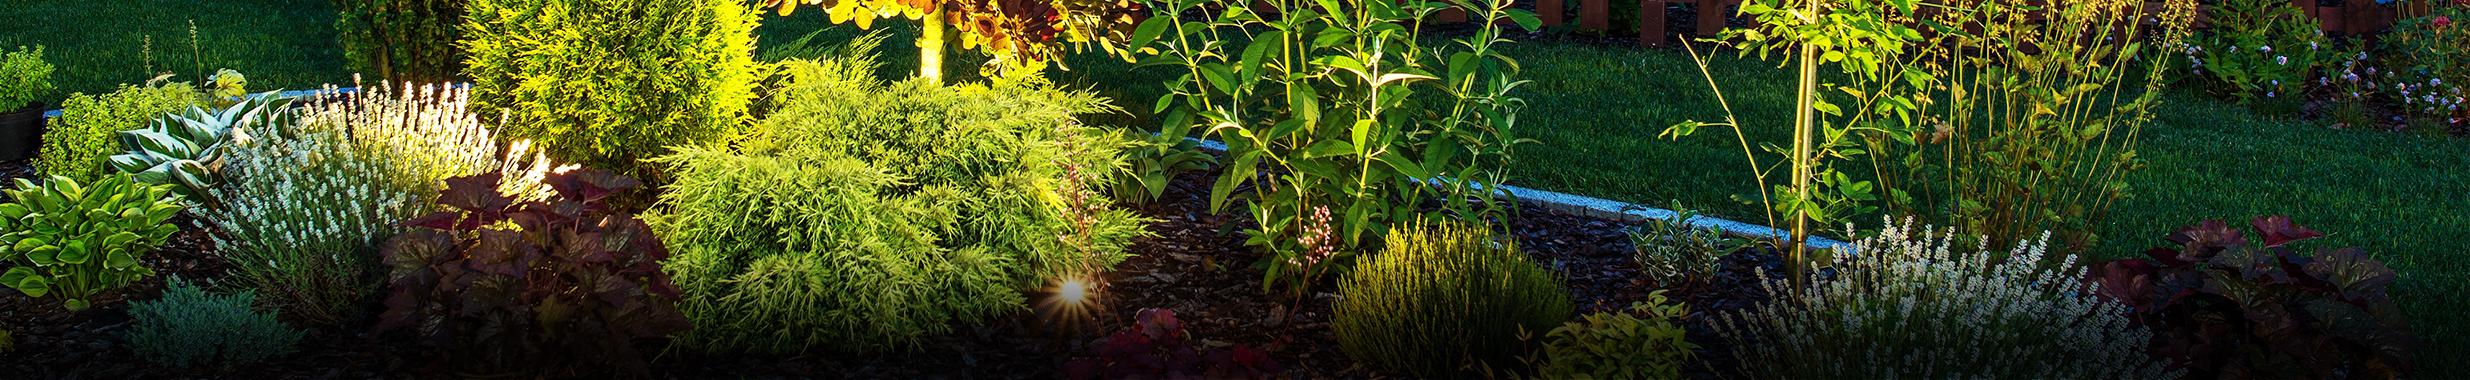 Outdoor Lichtideen und für die Beleuchtung von Beet und Garten entdecken